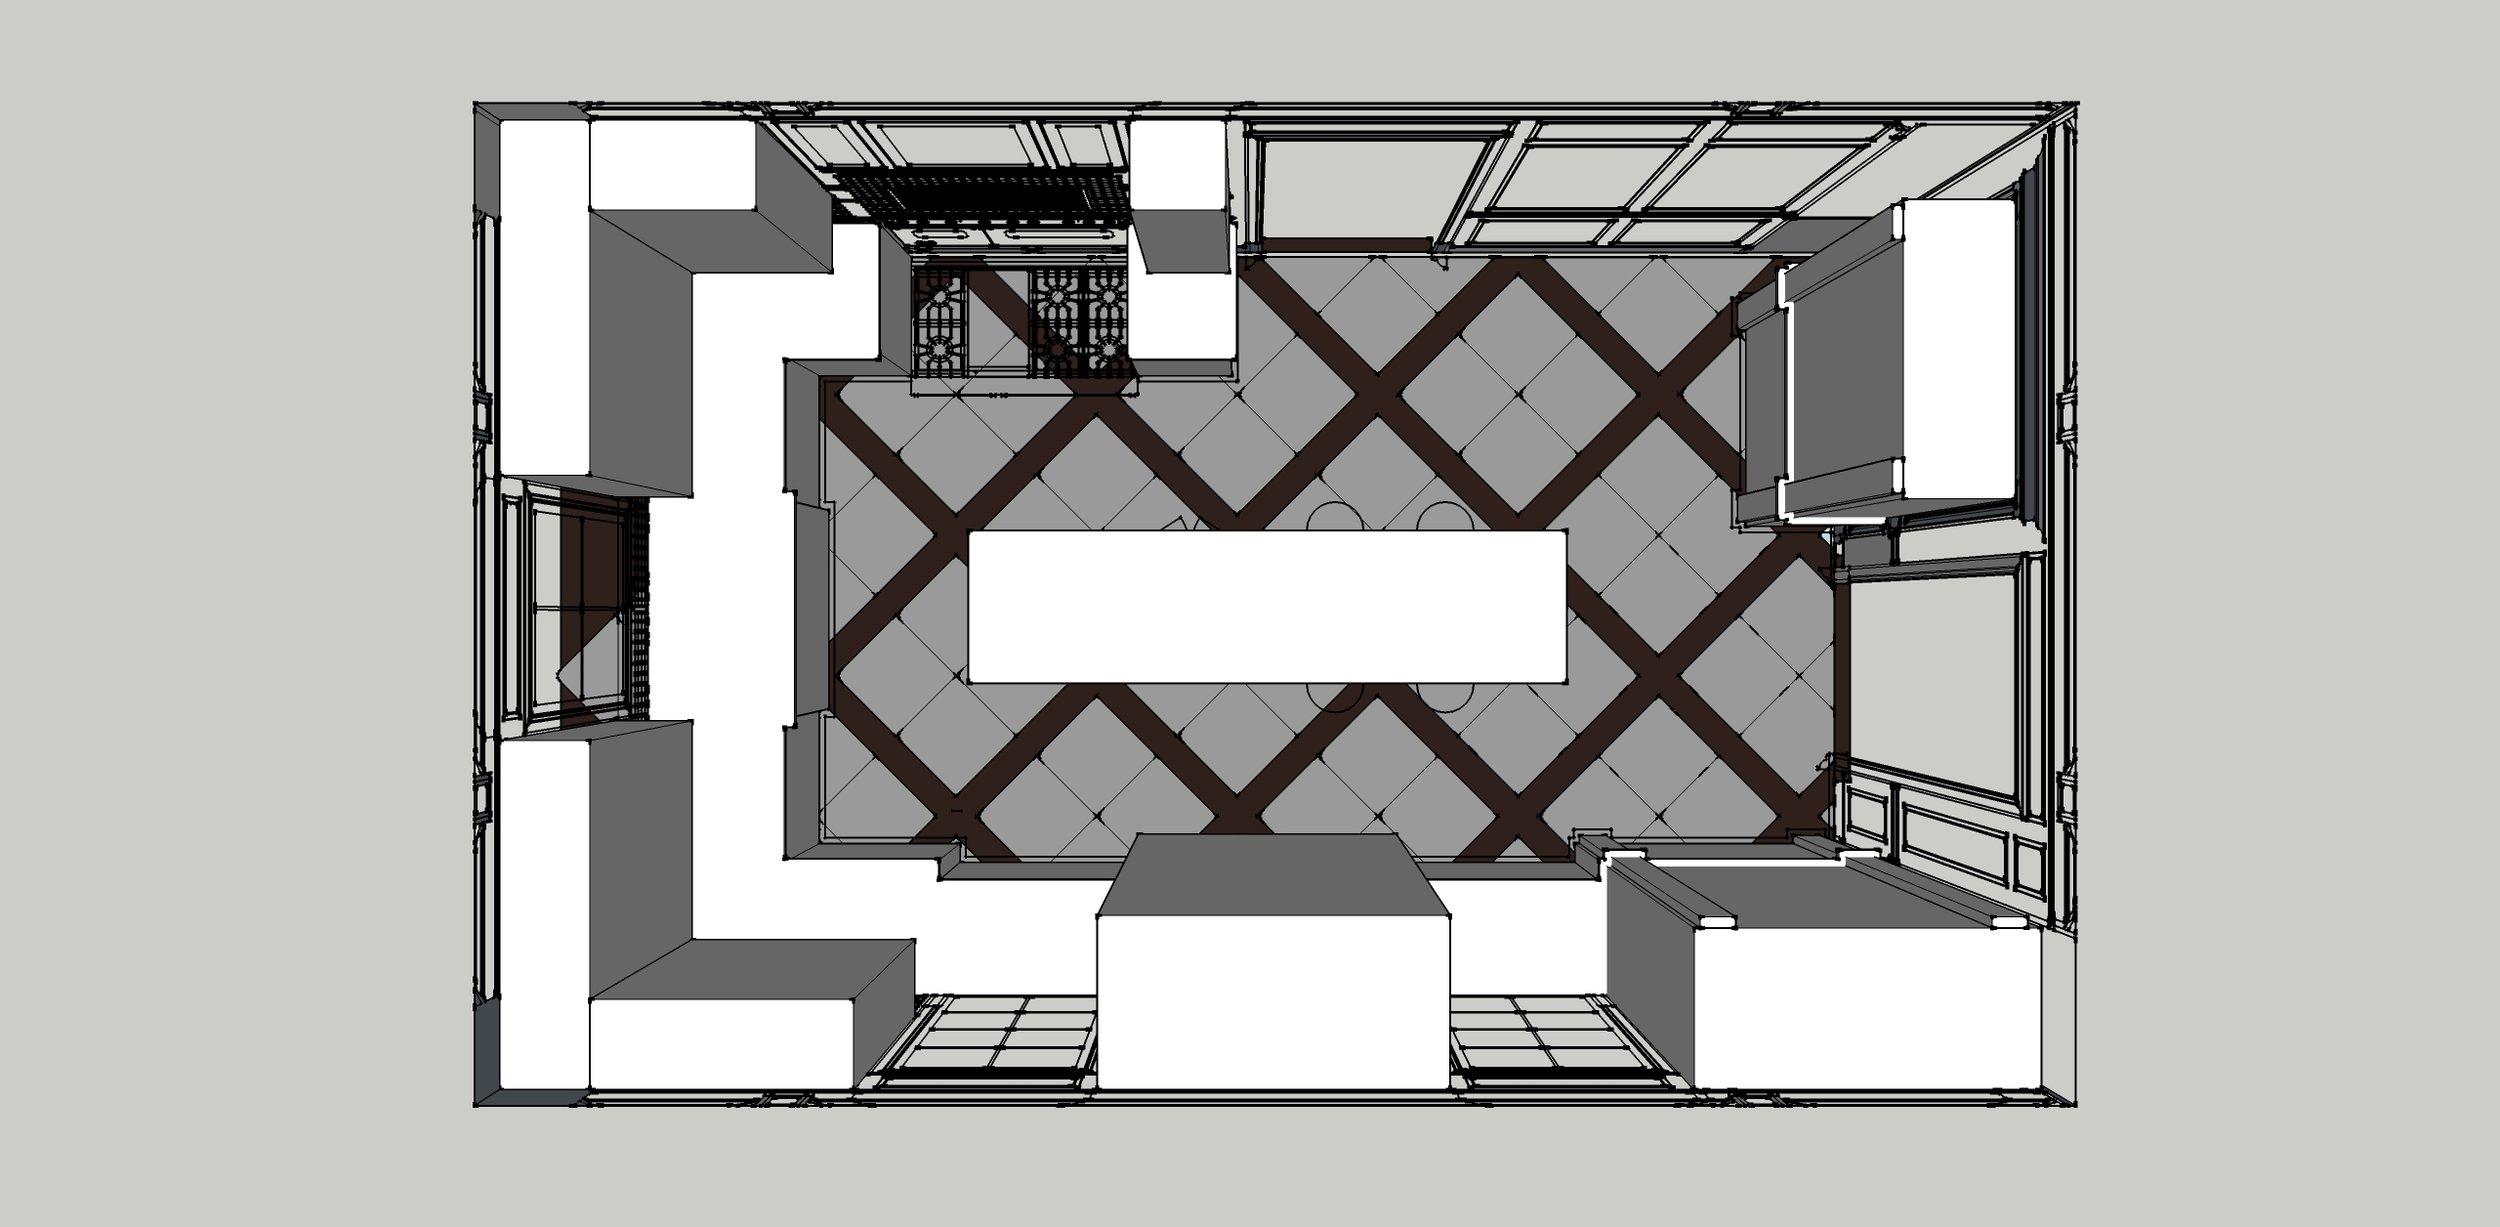 Davis_Kitchen_floor layout_Above.jpg